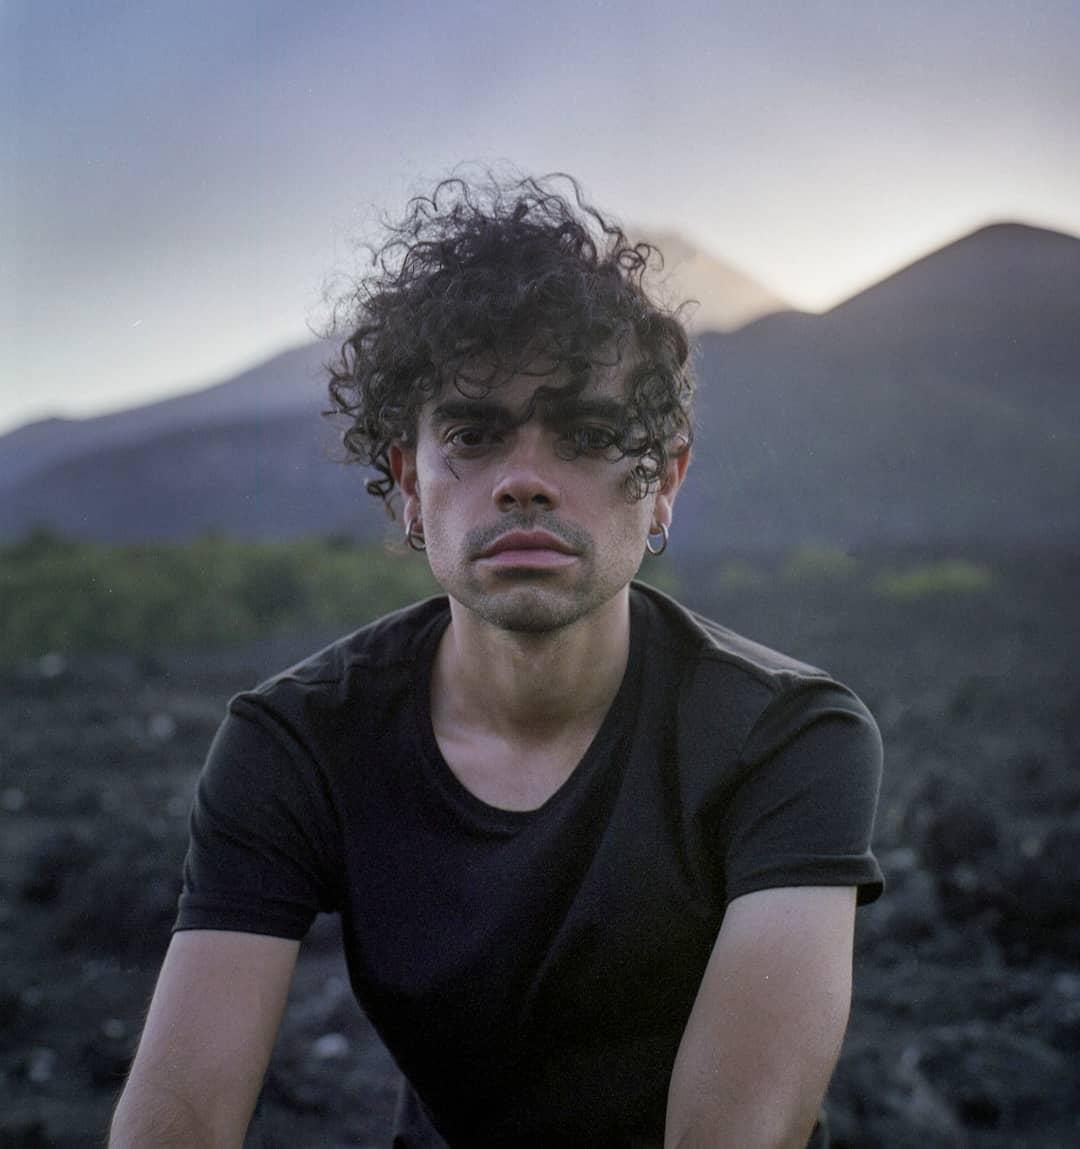 """test Twitter Media - El cantautor chileno André Ubilla acaba de lanzar """"Resistiendo"""" 🎶💪, un nuevo sencillo que adelanta su próximodiscoinspirado en el despertar social chileno 💿🇨🇱. Conócelo en musicachilenaCL -> https://t.co/XlHhIuptSf https://t.co/PLfdwEheW8"""